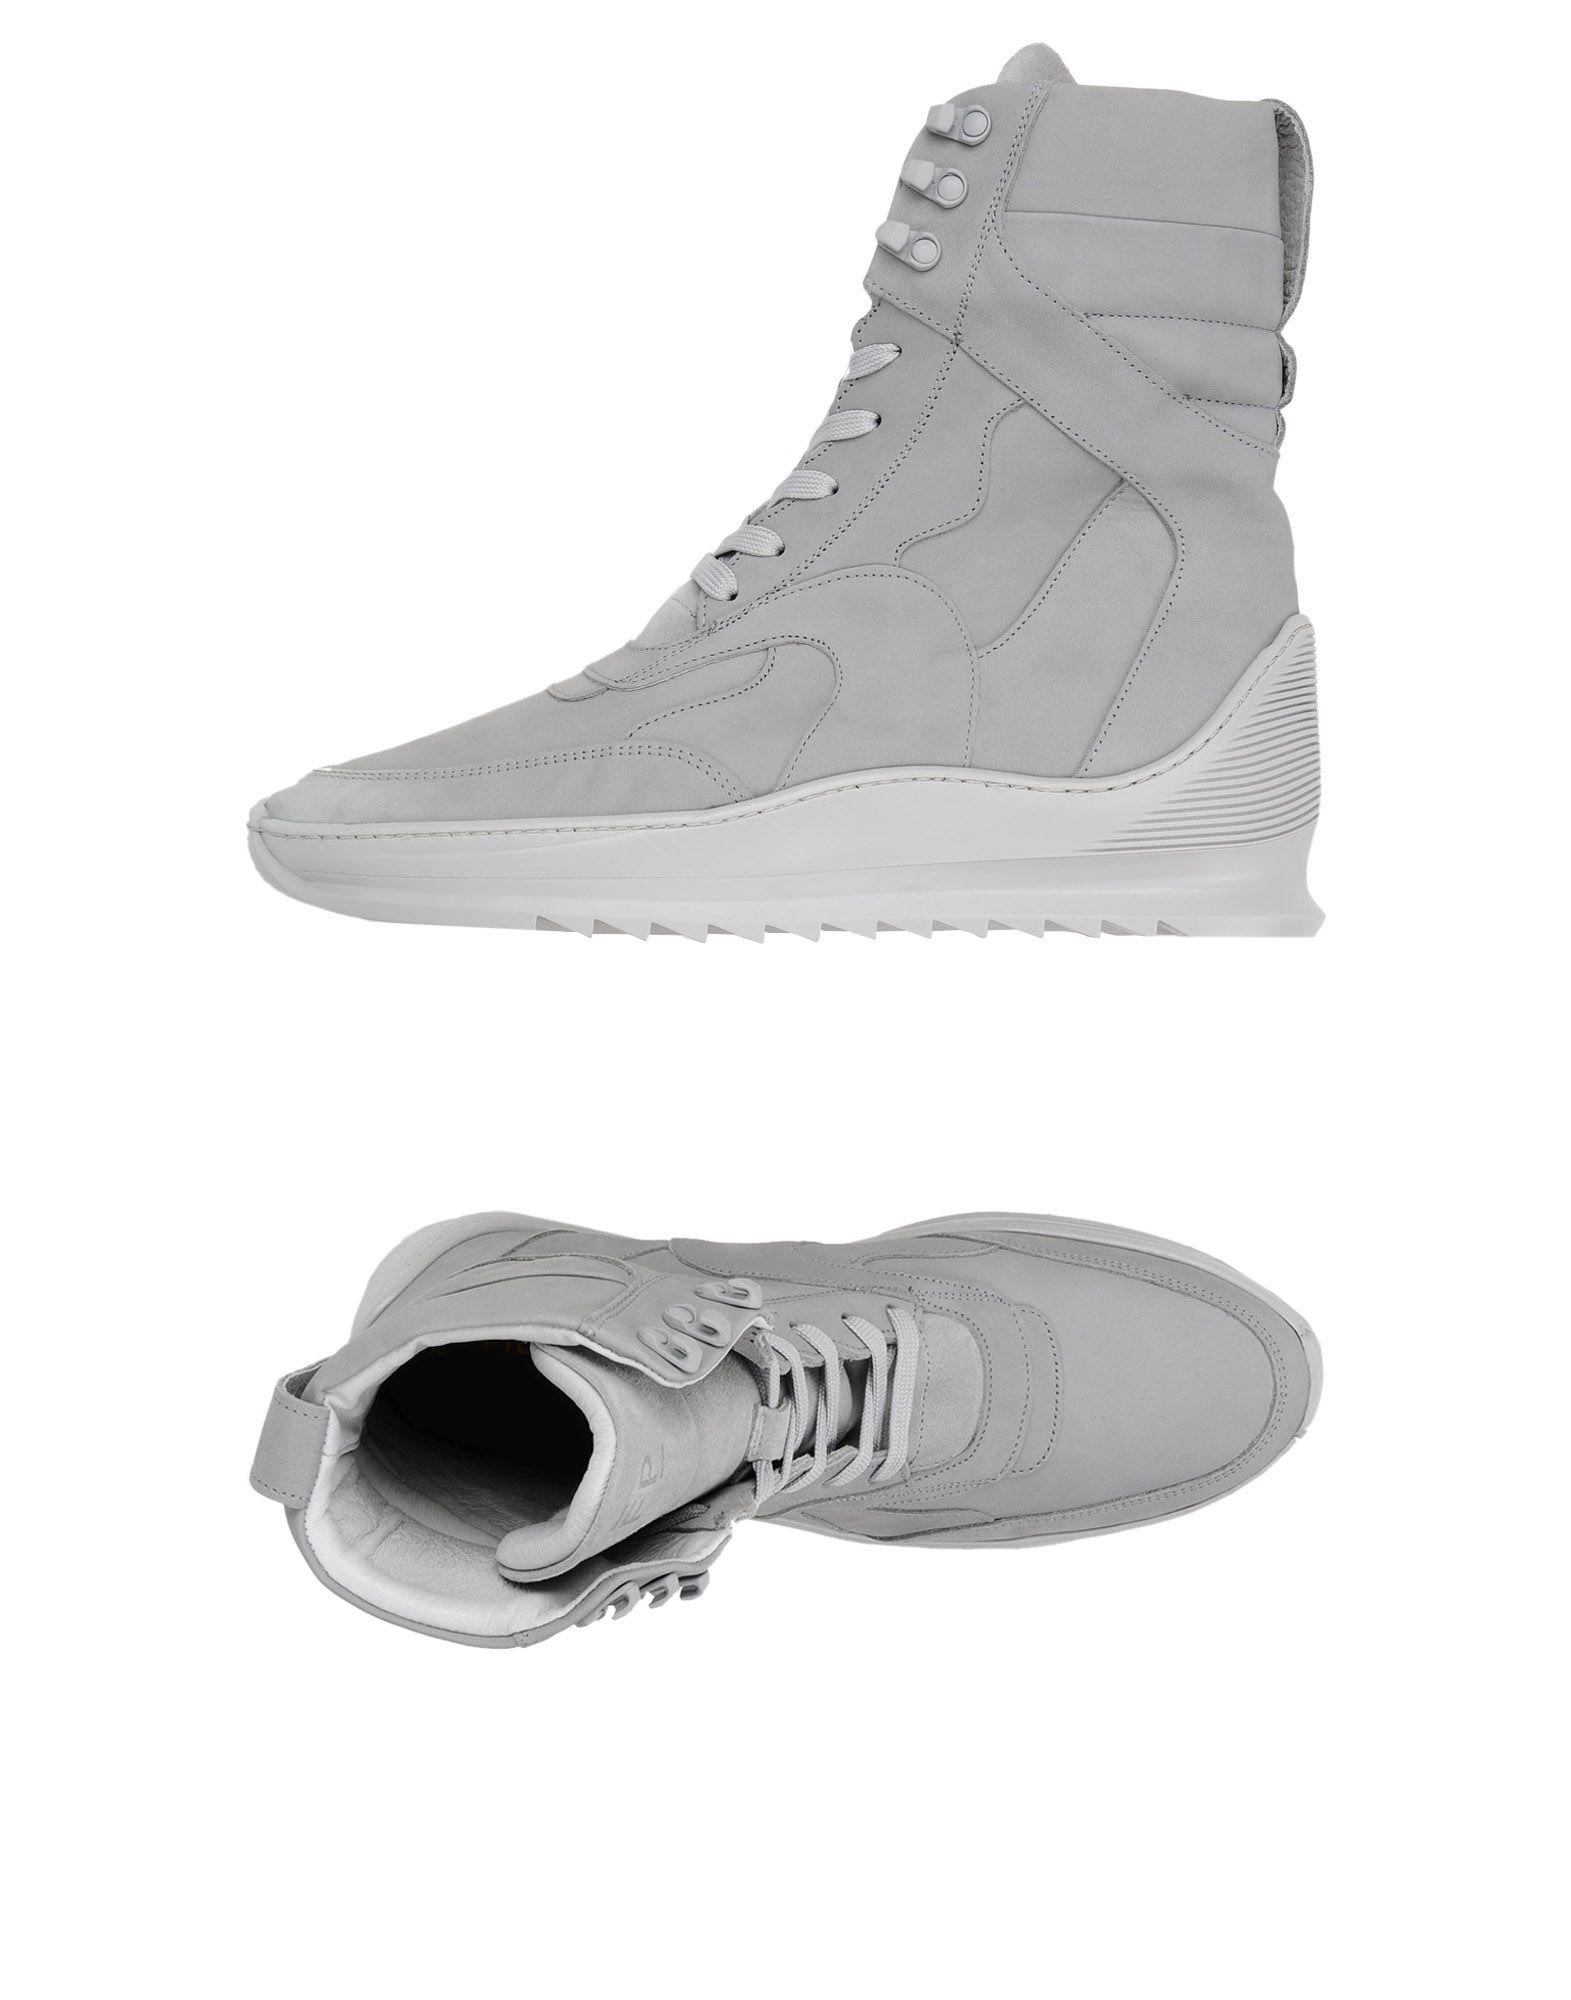 Sneakers Filling Pieces Homme - Sneakers Filling Pieces  Gris Spécial temps limité